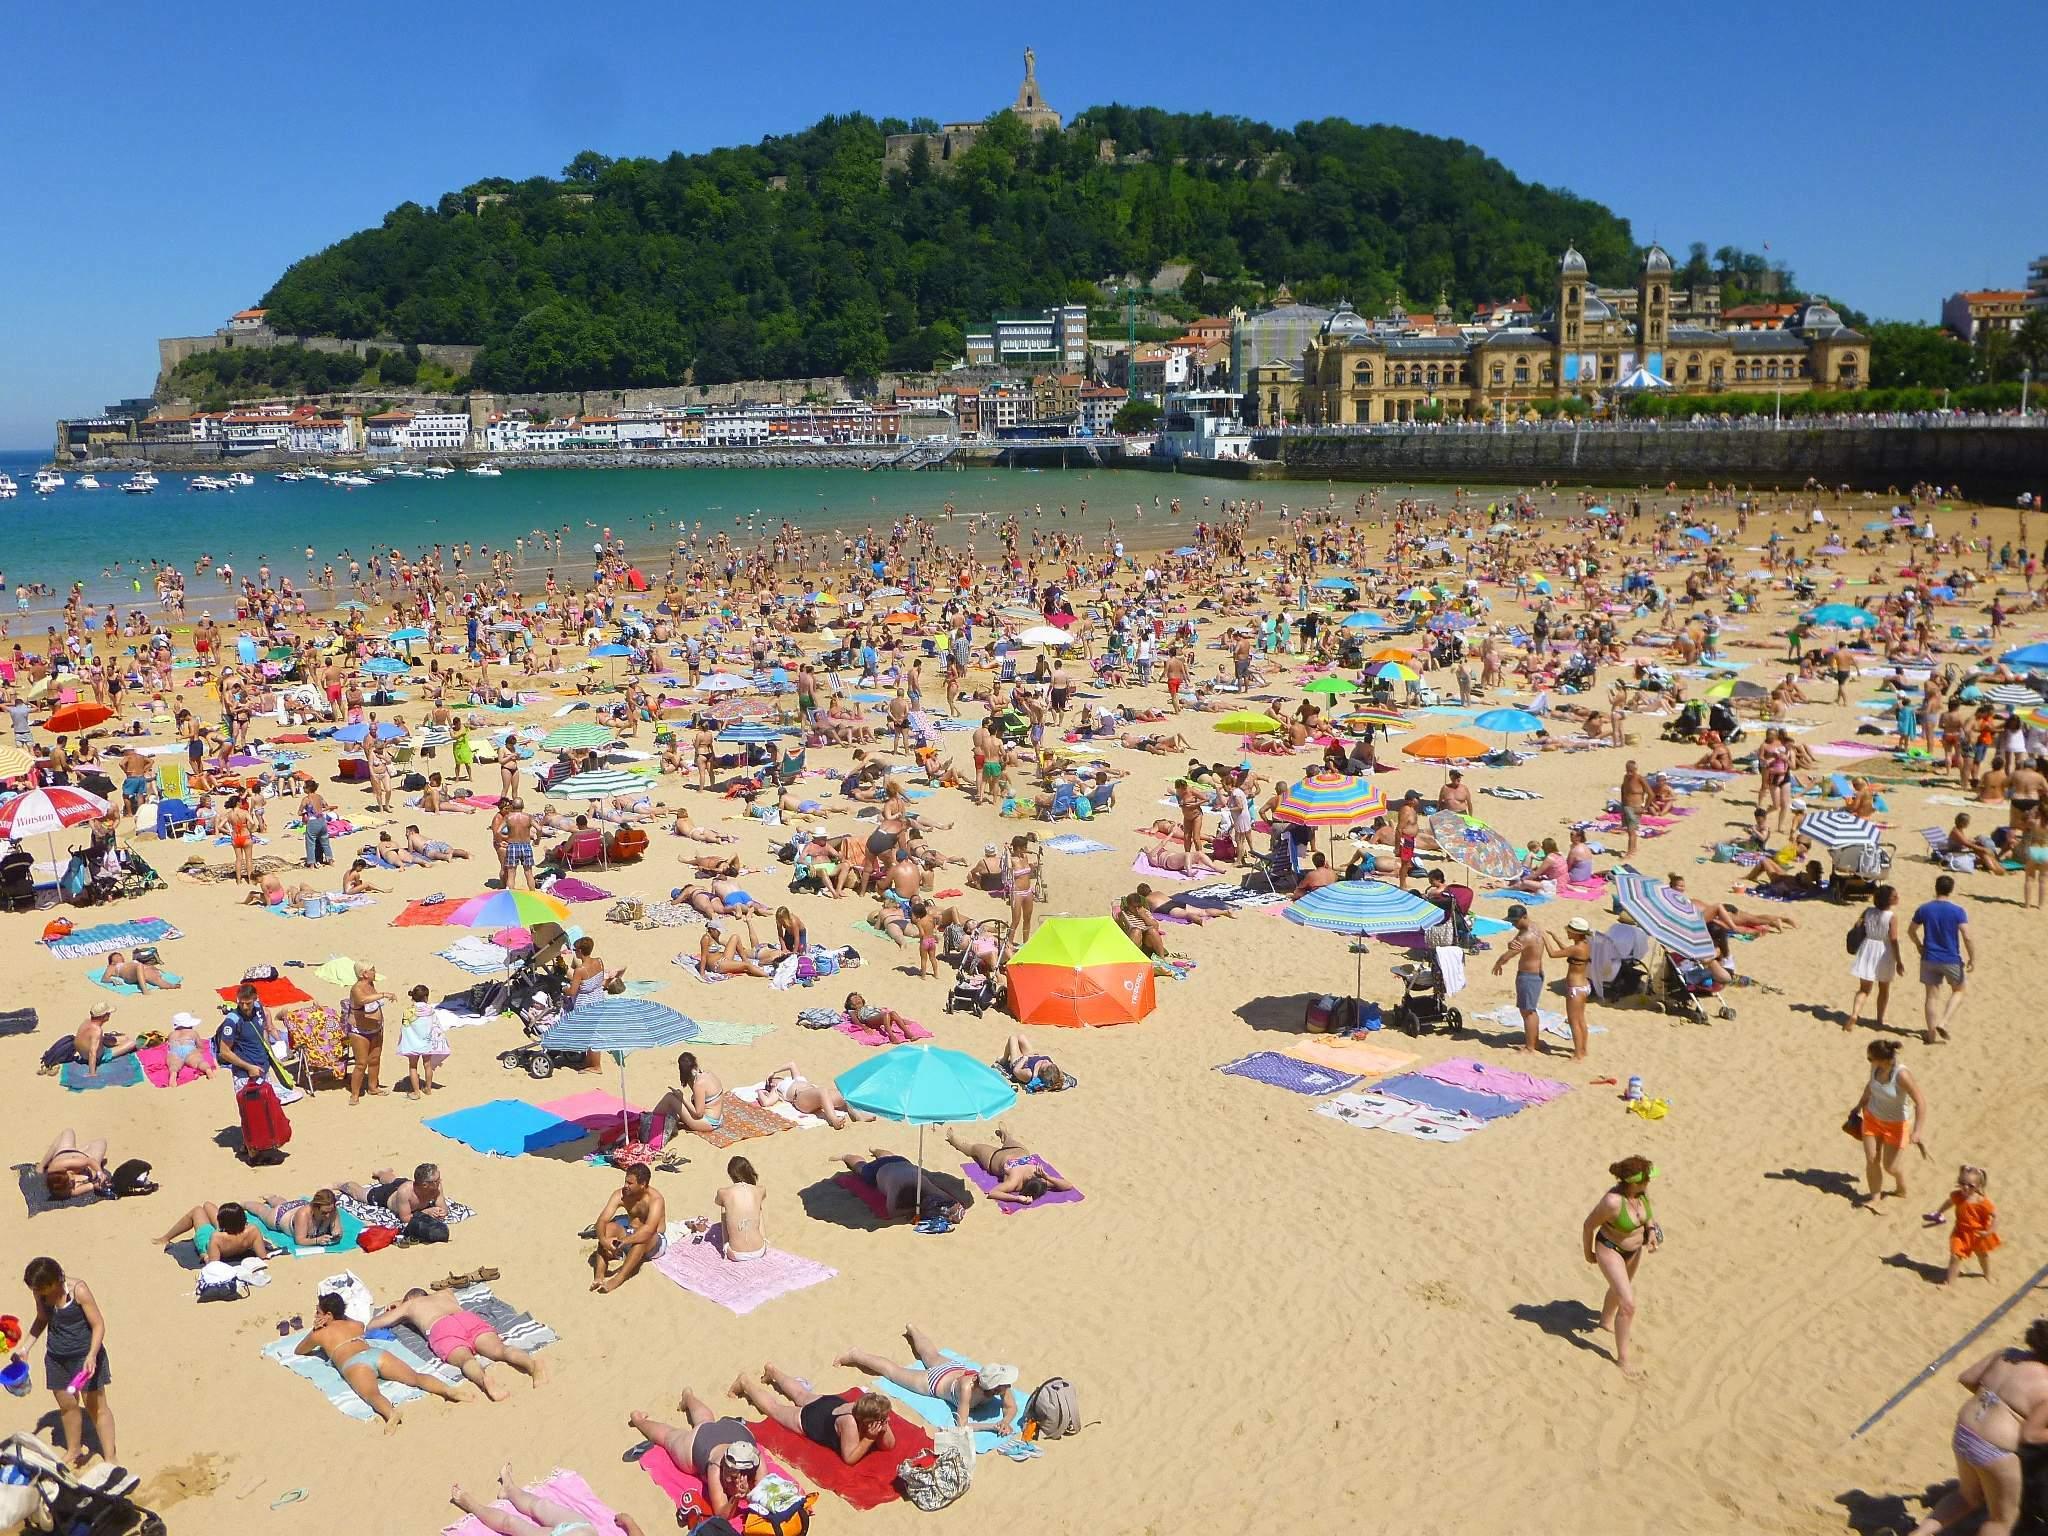 6- La Concha Beach, Espanha